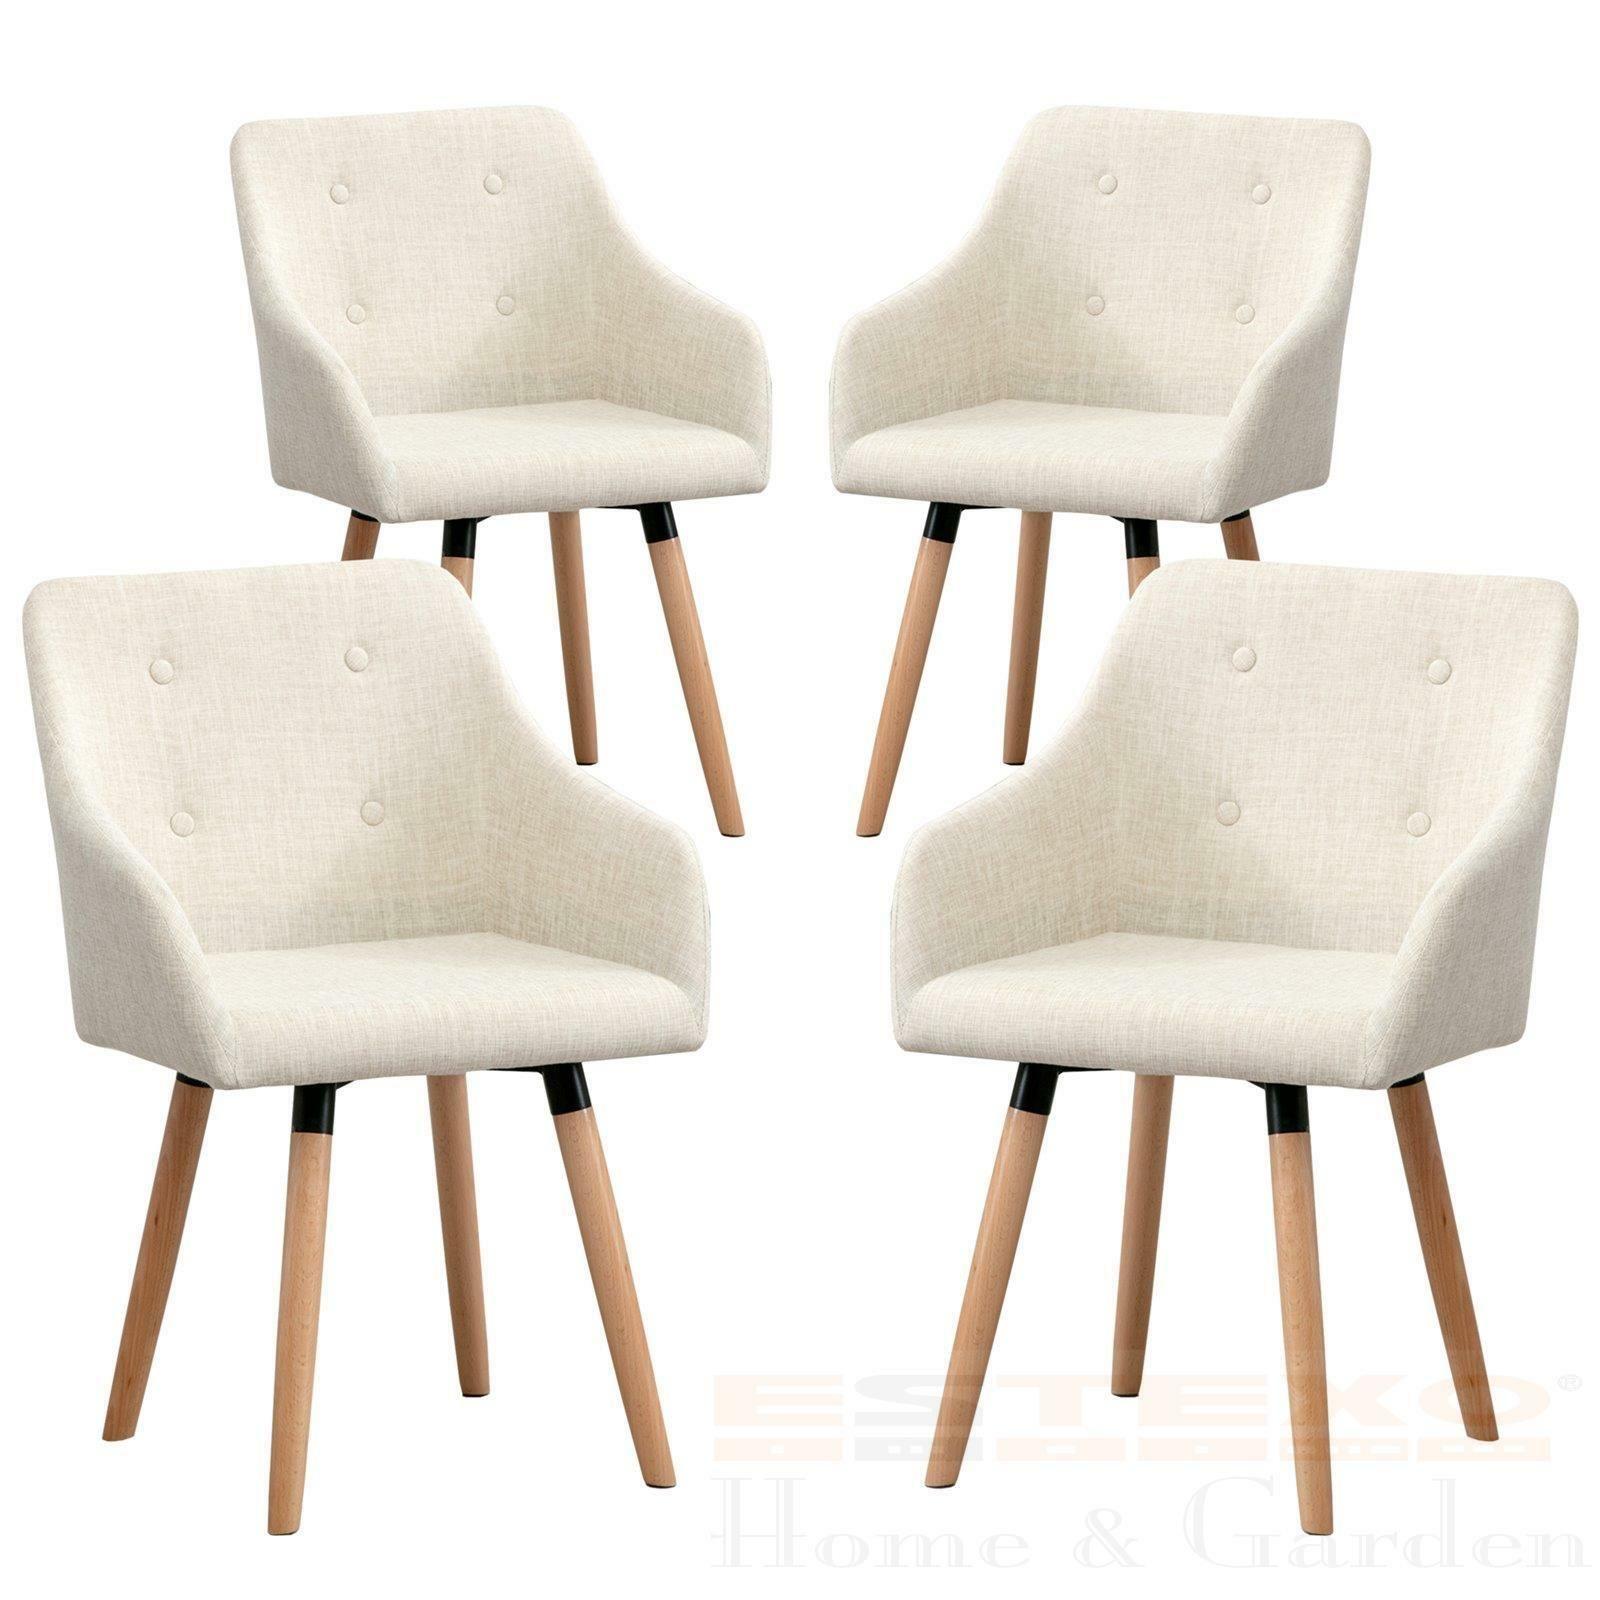 Esszimmerstühle Küchenstühle Essstühle Stuhl Ilmar Armlehnen Stoff beige 4er